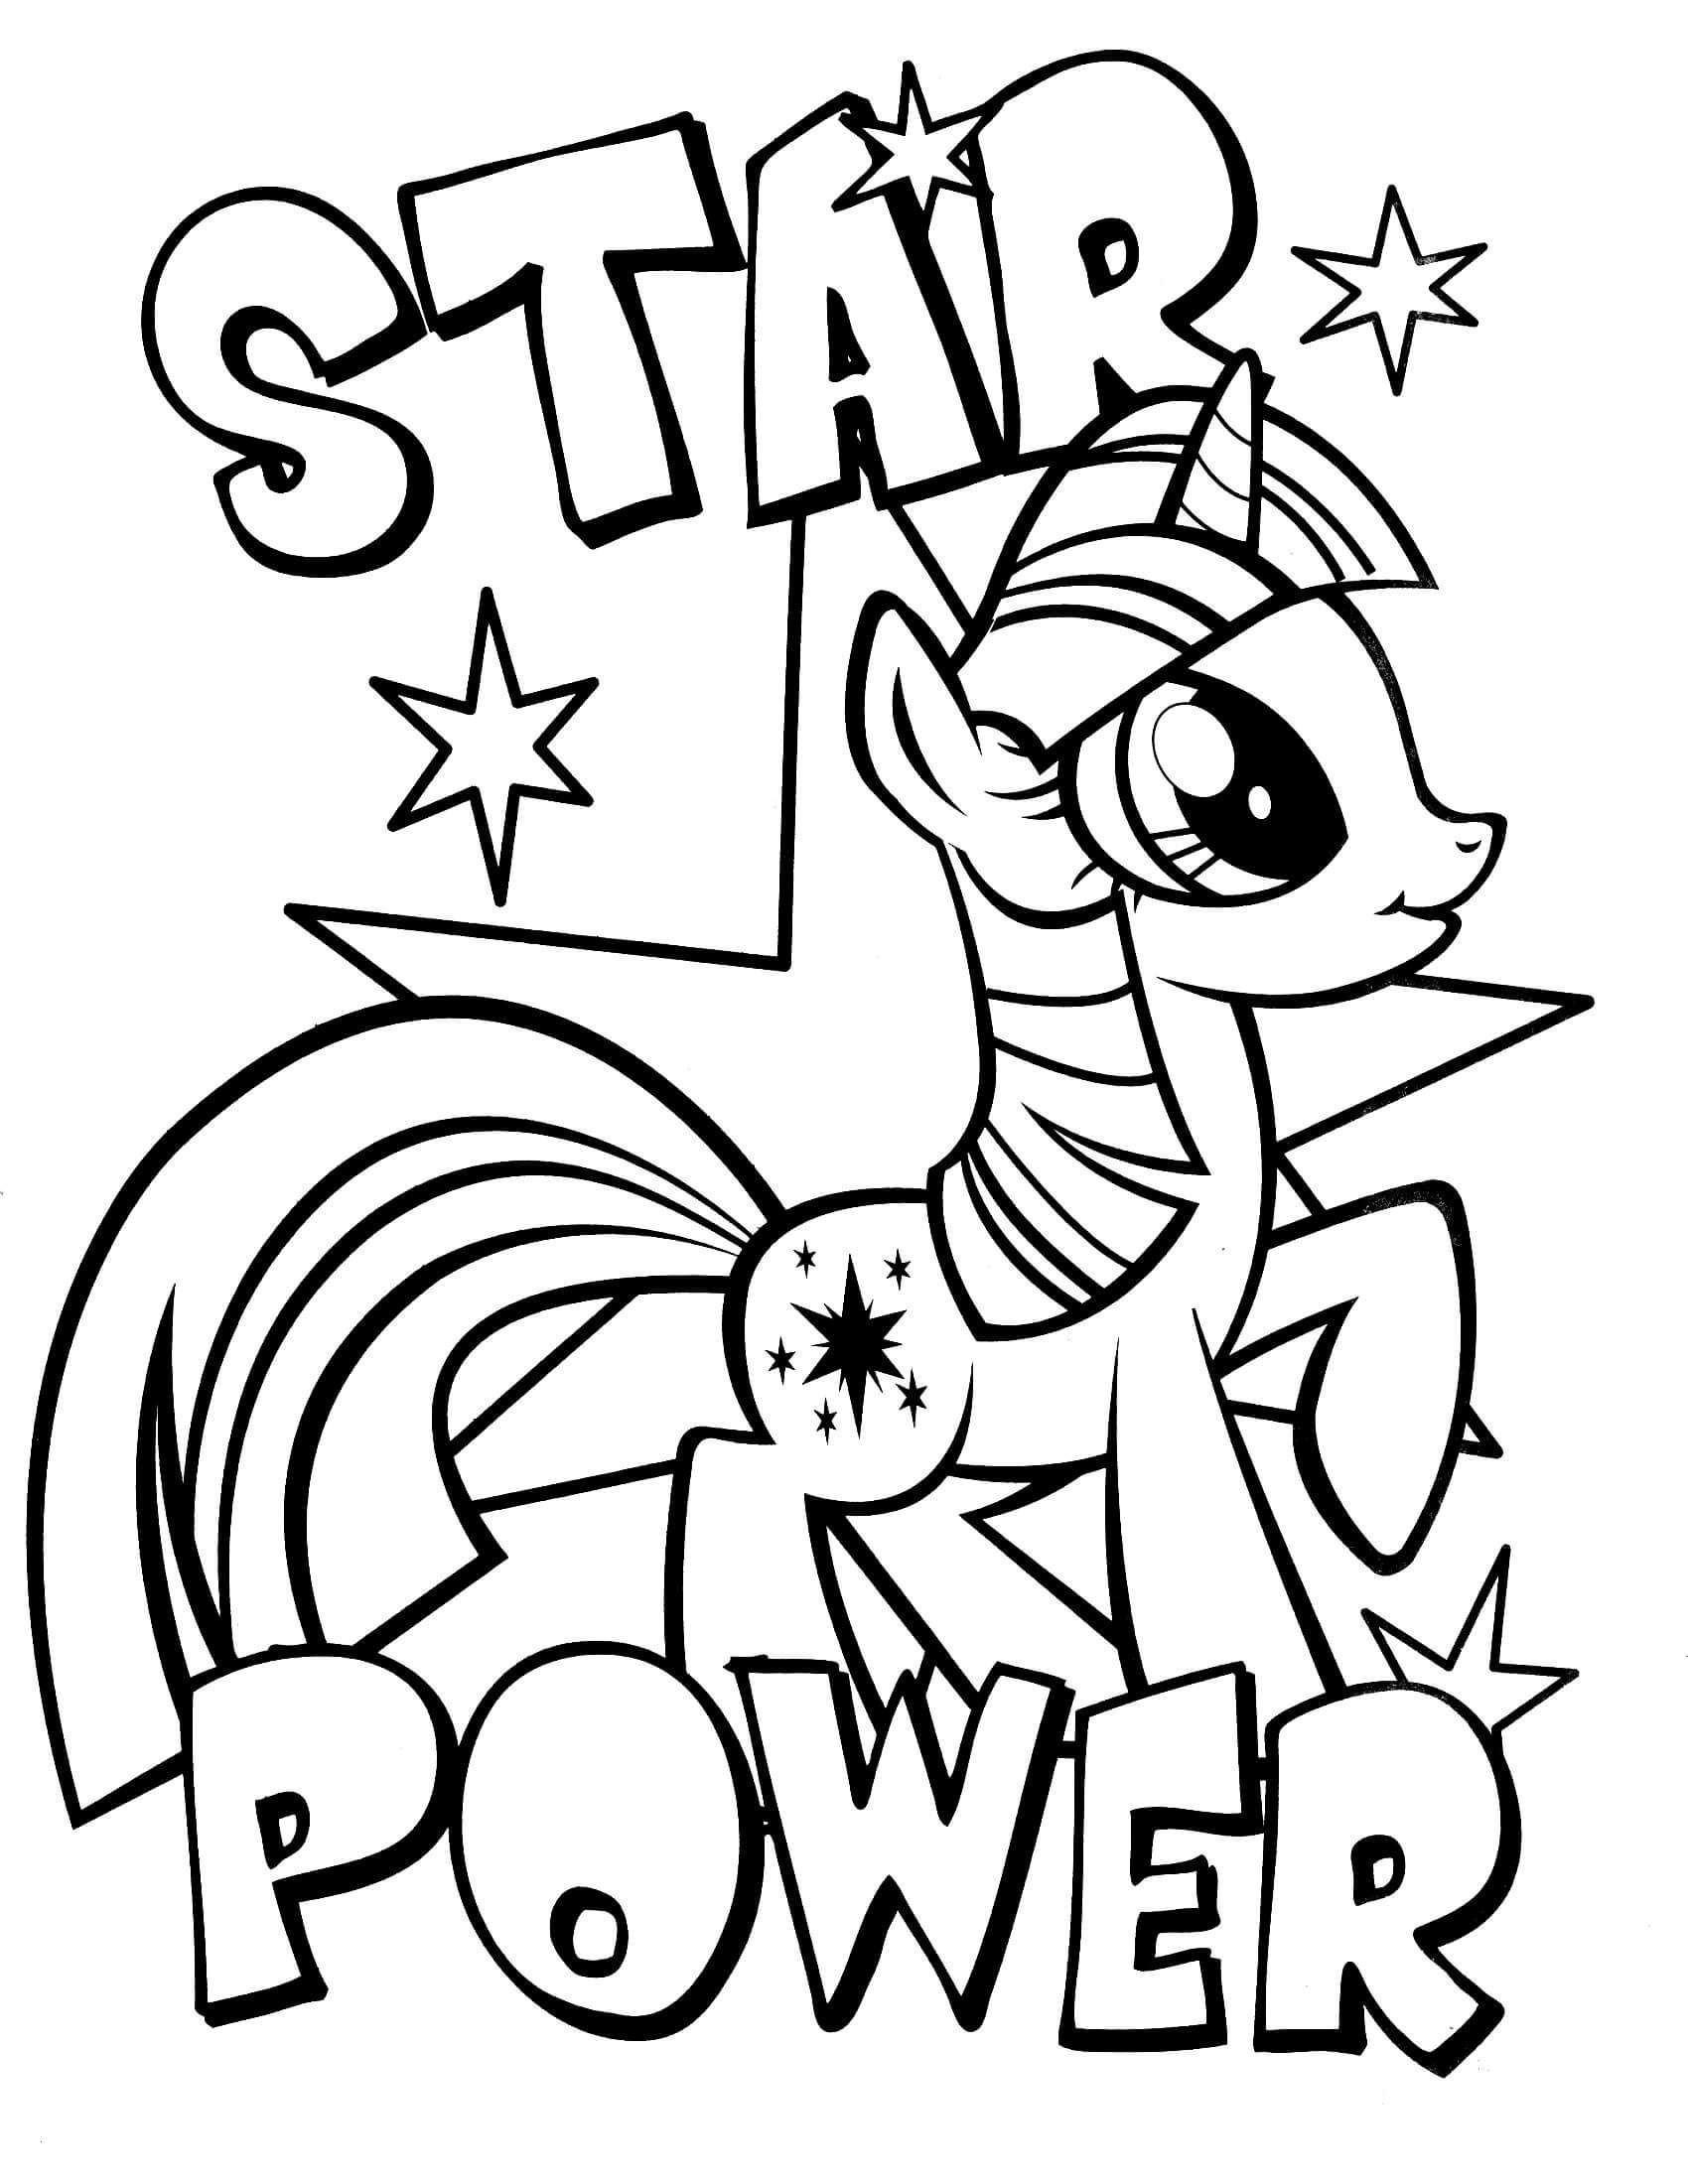 My Little Pony Ausmalbilder Kostenlos Das Beste Von 40 My Little Pony Friendship is Magic Ausmalbilder Scoredatscore Stock